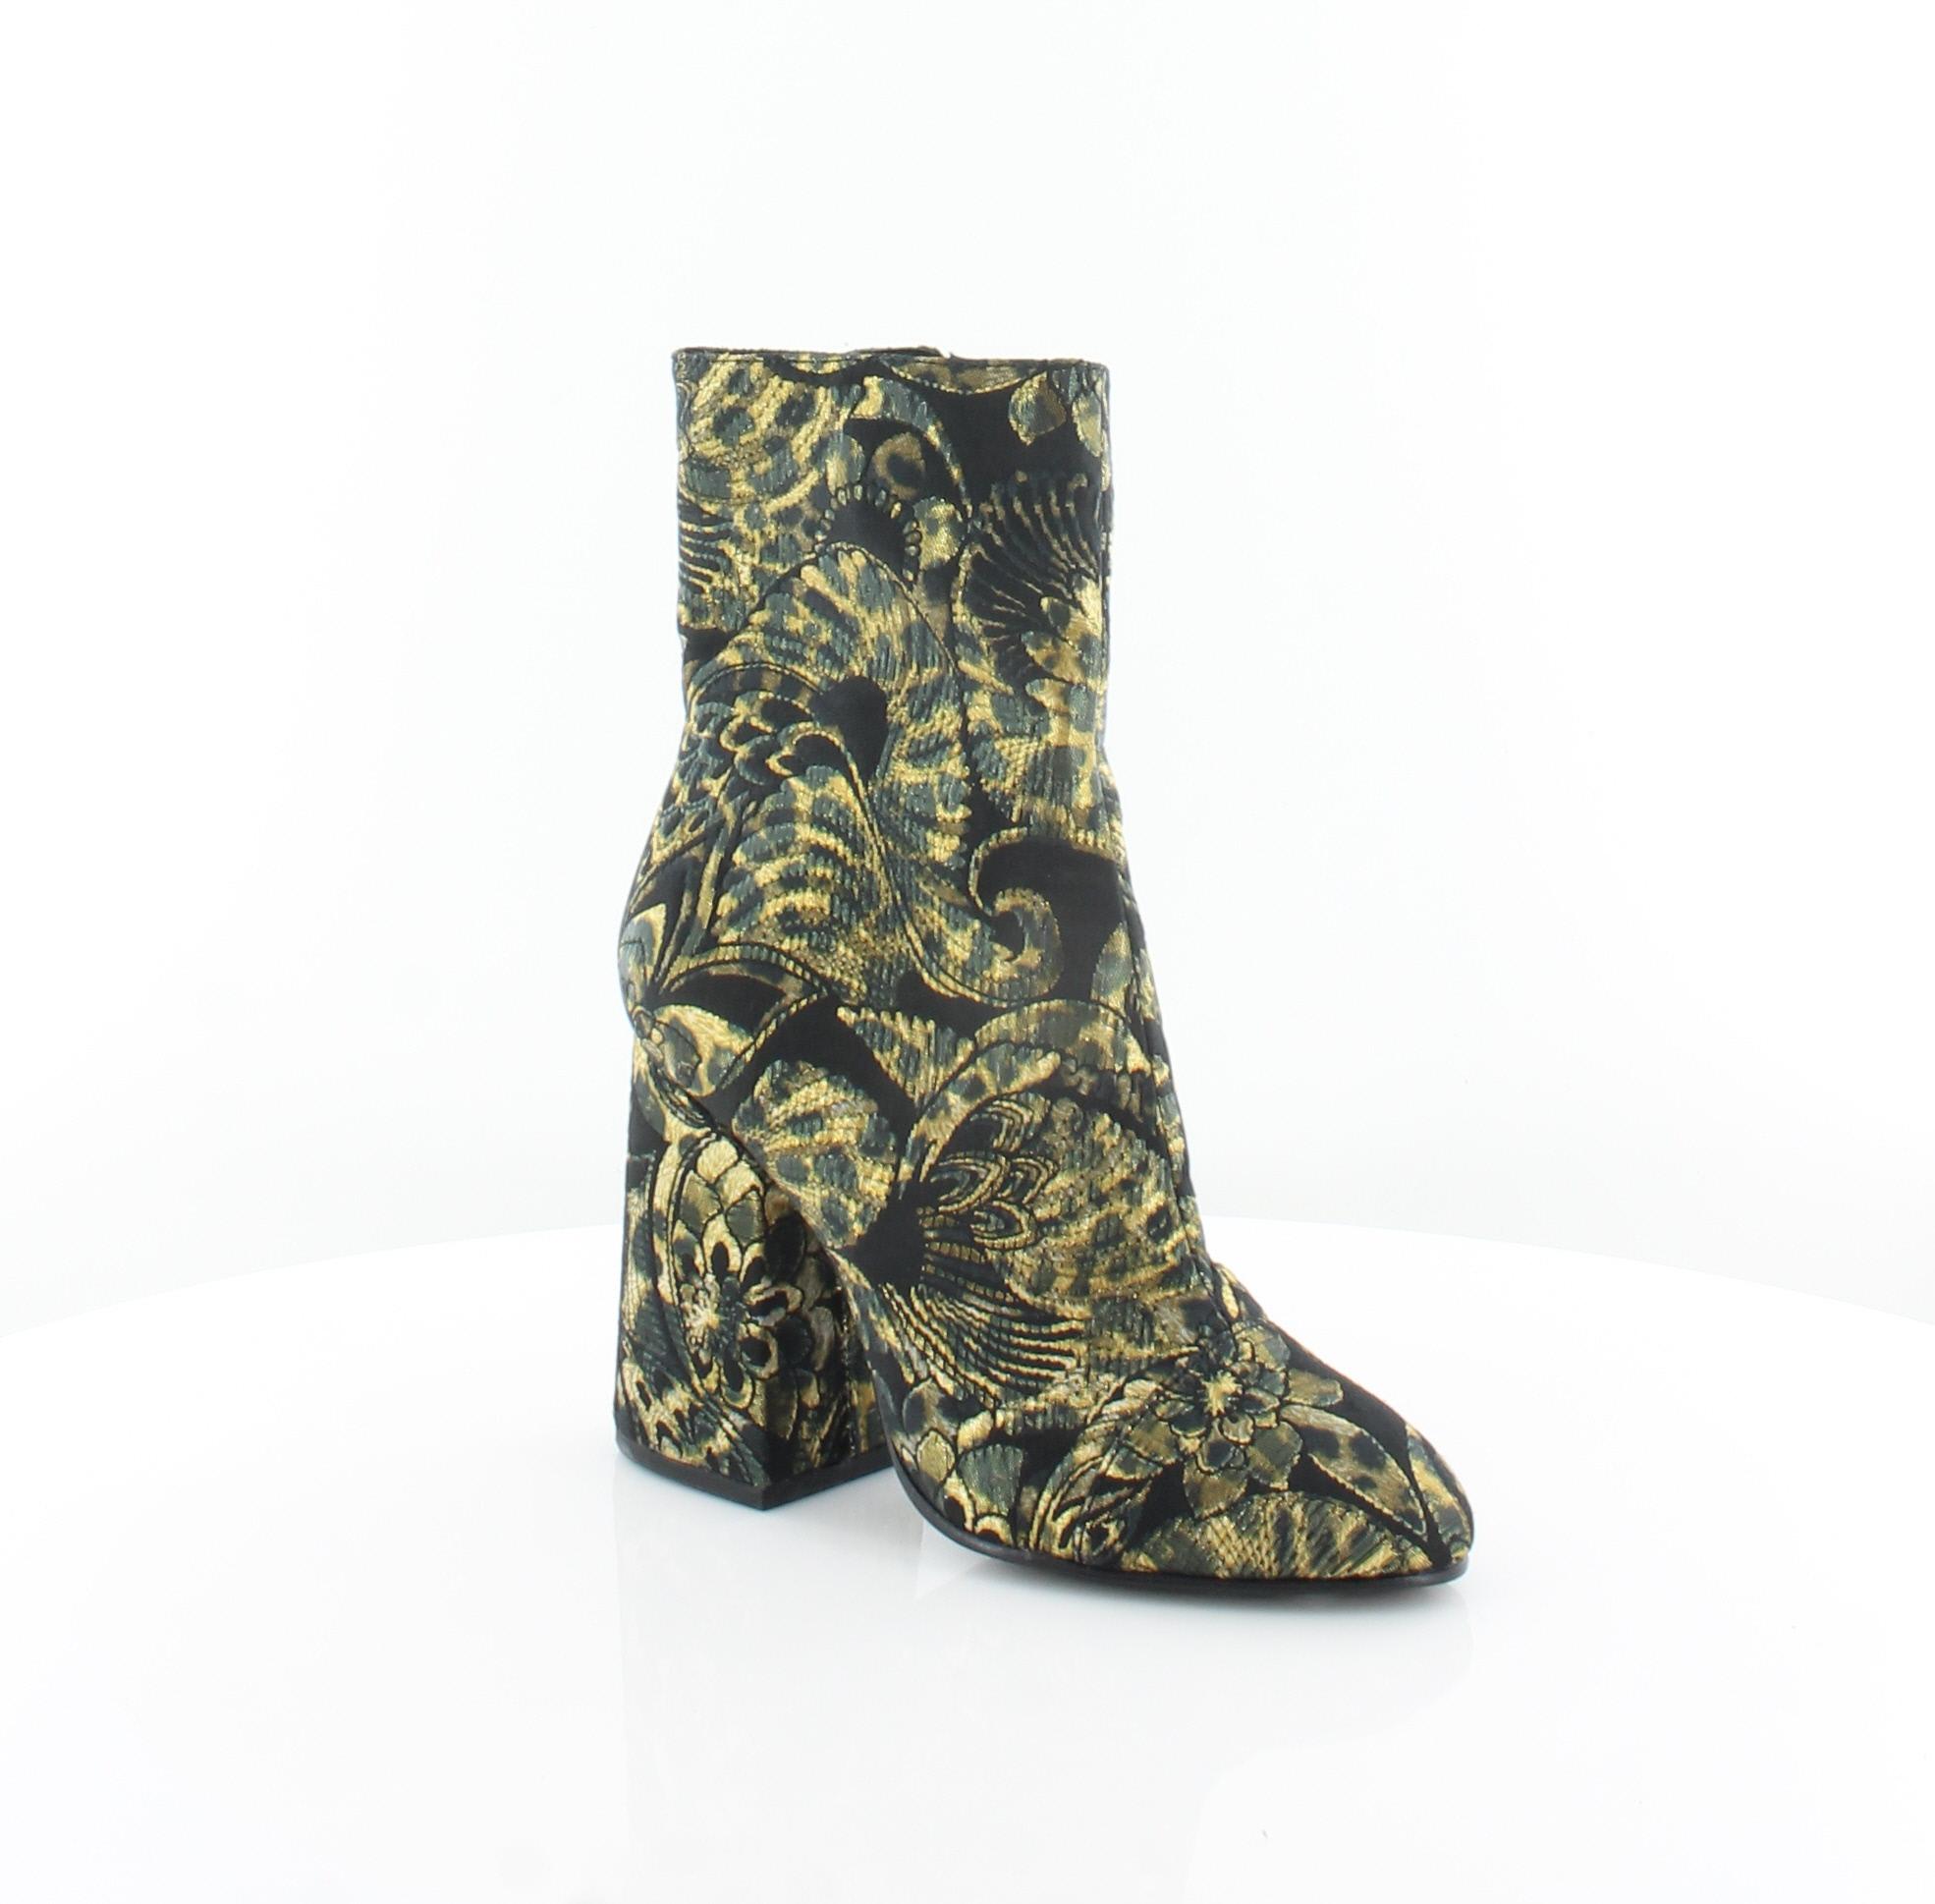 Ash Flora Flora Flora Negro botas Zapatos Talla 7 M para mujer precio minorista sugerido por el fabricante  240  el mas reciente